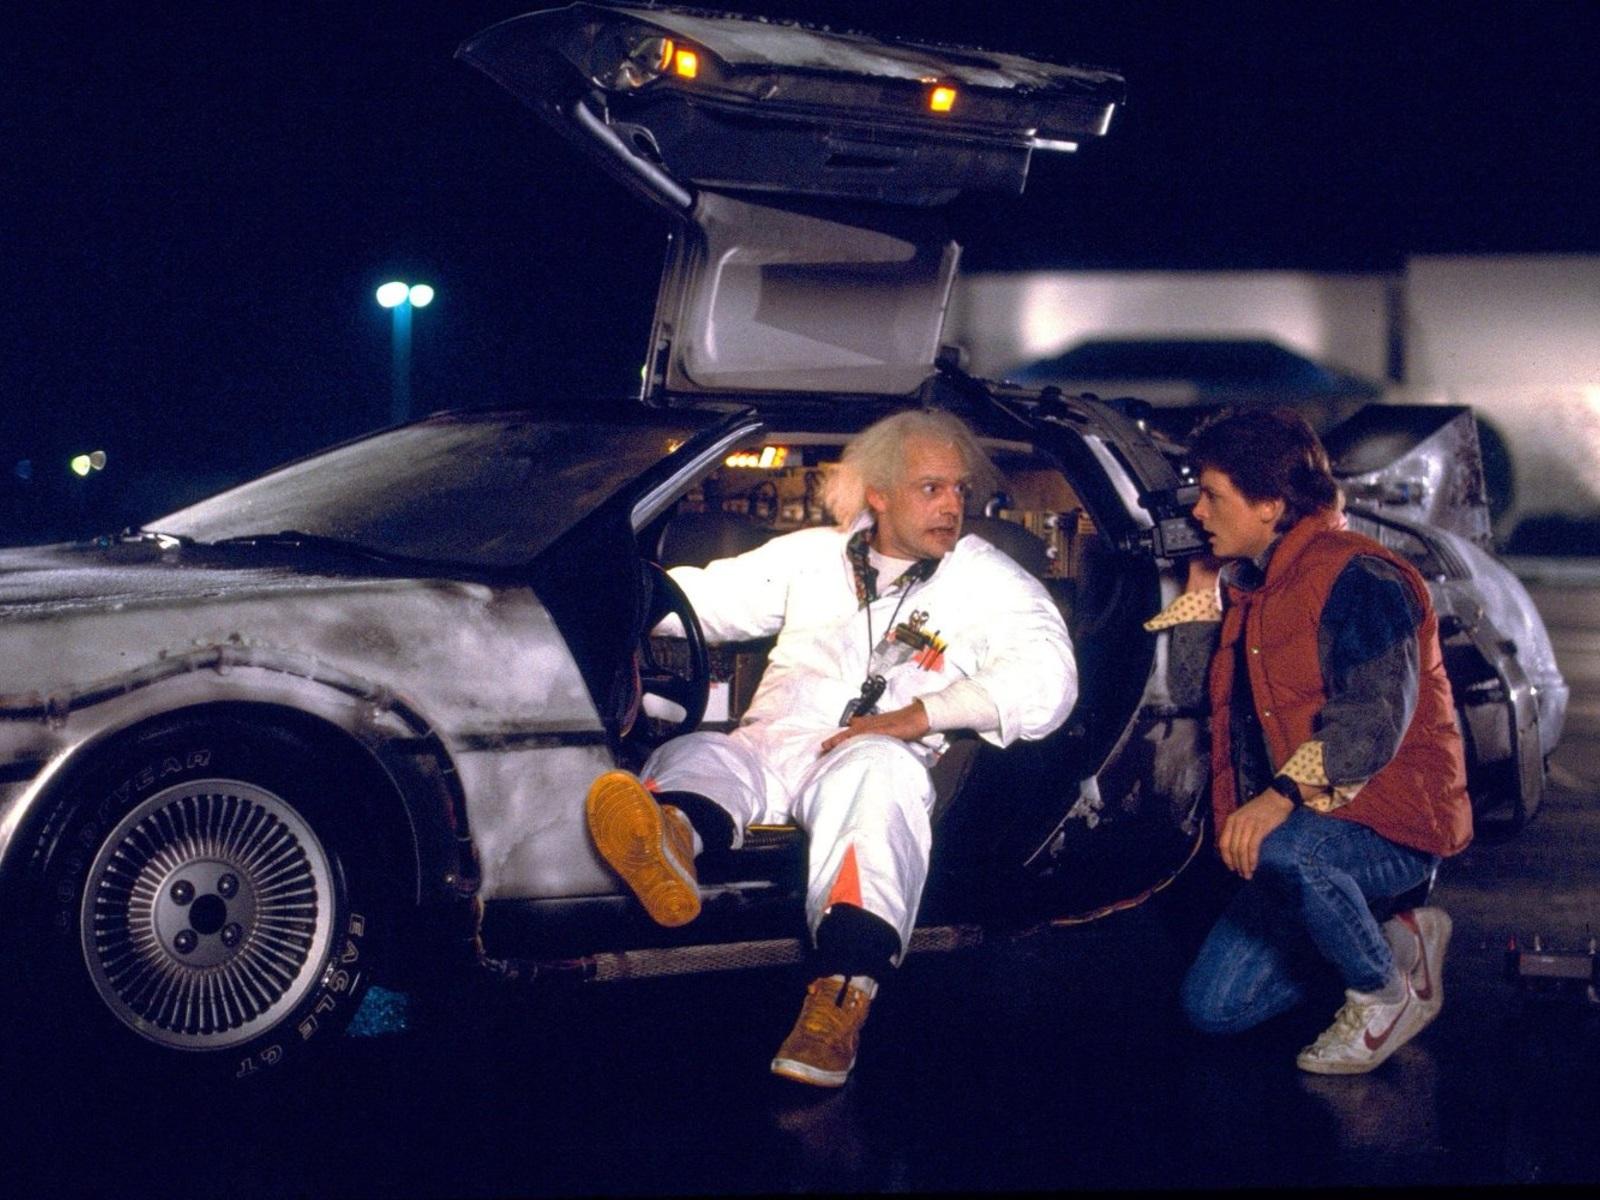 Le auto cinematografiche più iconiche della storia del cinema